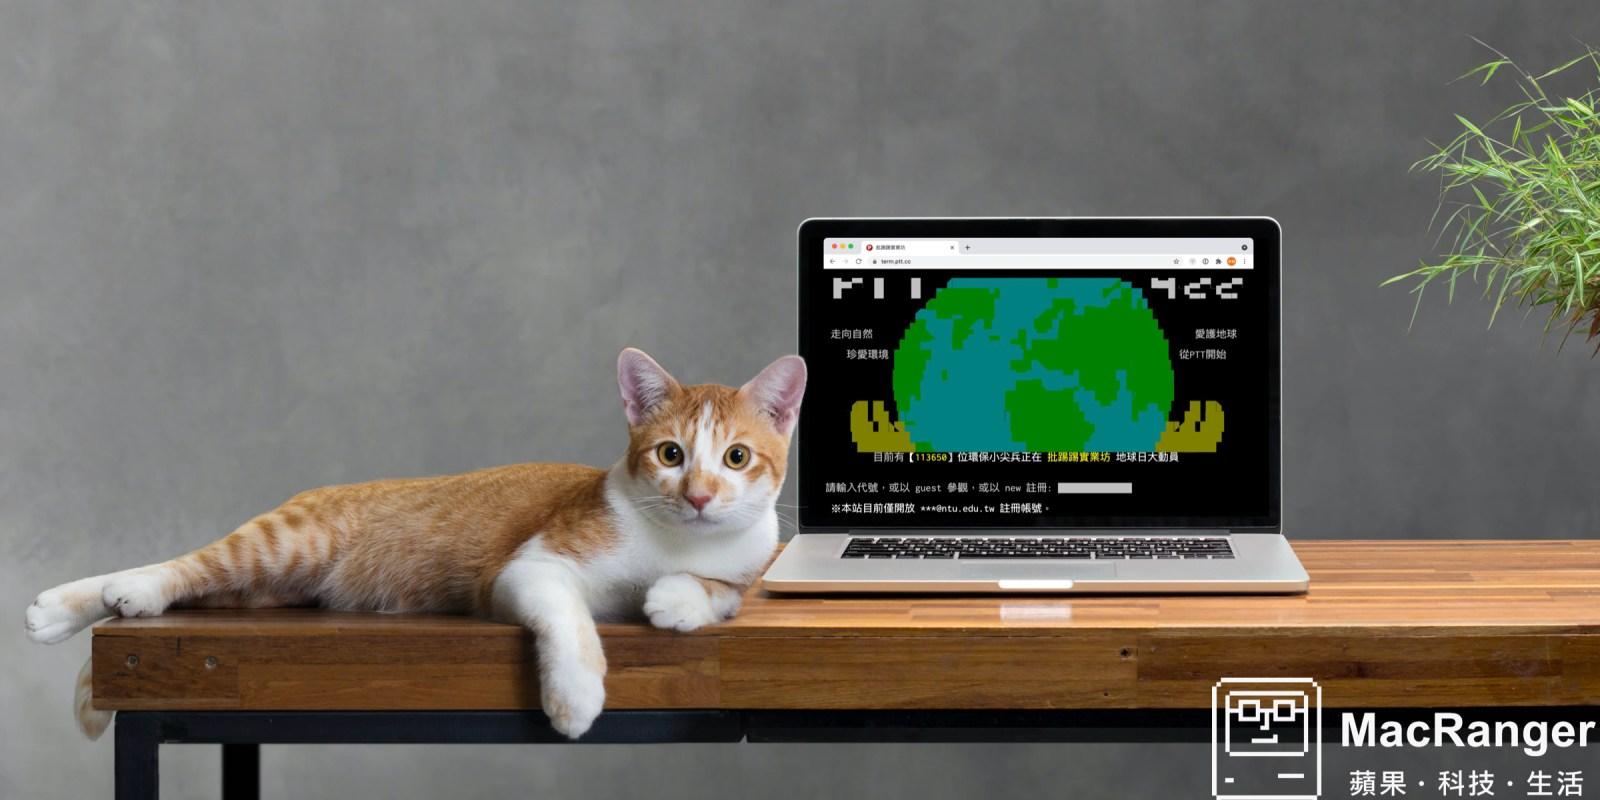 Mac Windows 最簡單的 BBS 瀏覽程式:Term.ptt.cc